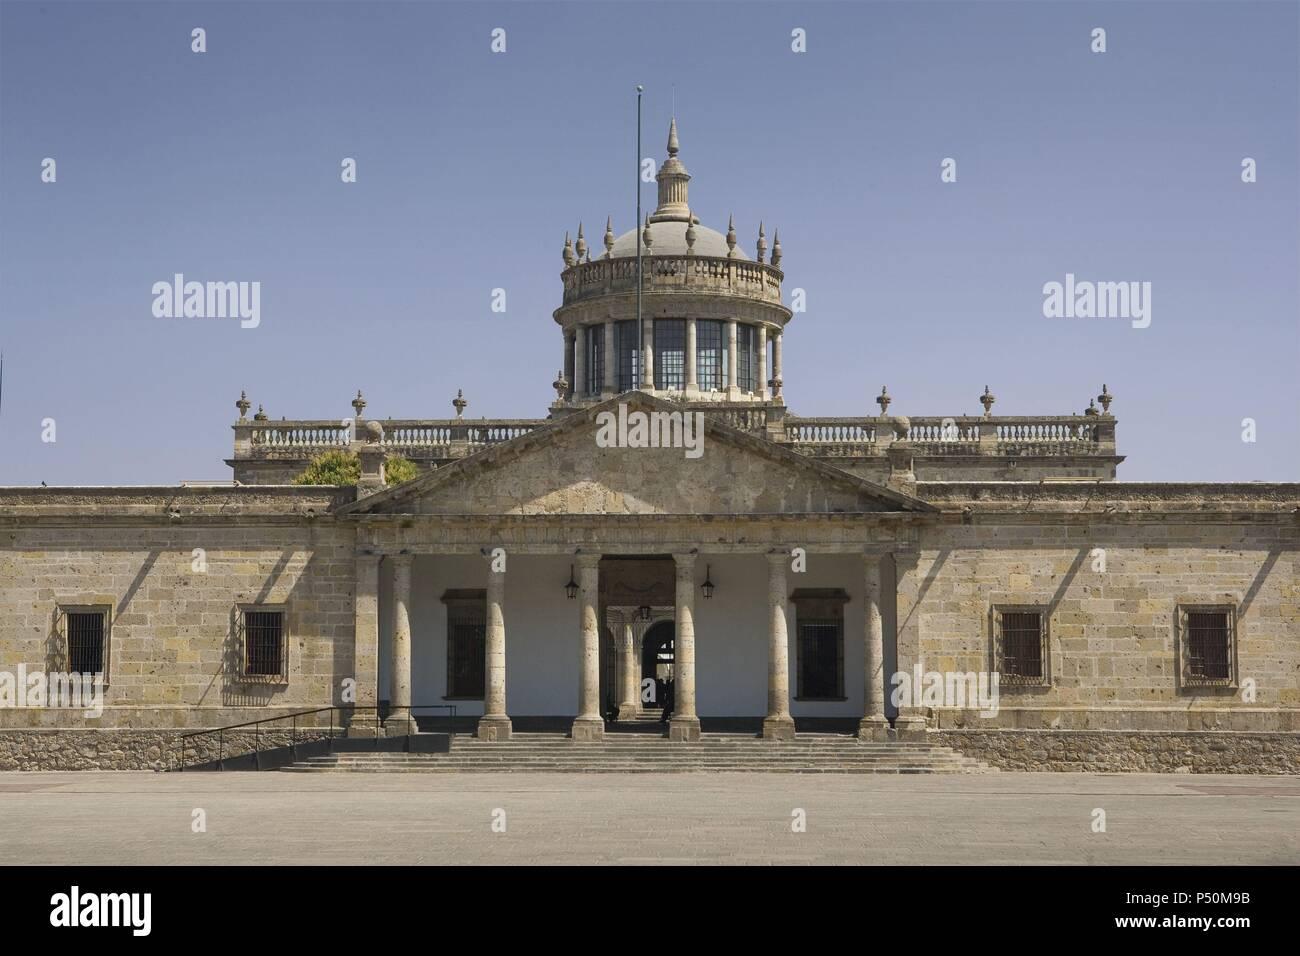 MEXICO. GUADALAJARA. Vista del INSTITUTO CULTURAL CABAÑAS, construído en el siglo XIX en estilo neoclásico. Antiguo HOSPICIO CABAÑAS para niños huérfanos. Declarado Patrimonio de la Humanidad por la UNESCO en 1997. Estado de Jalisco. - Stock Image